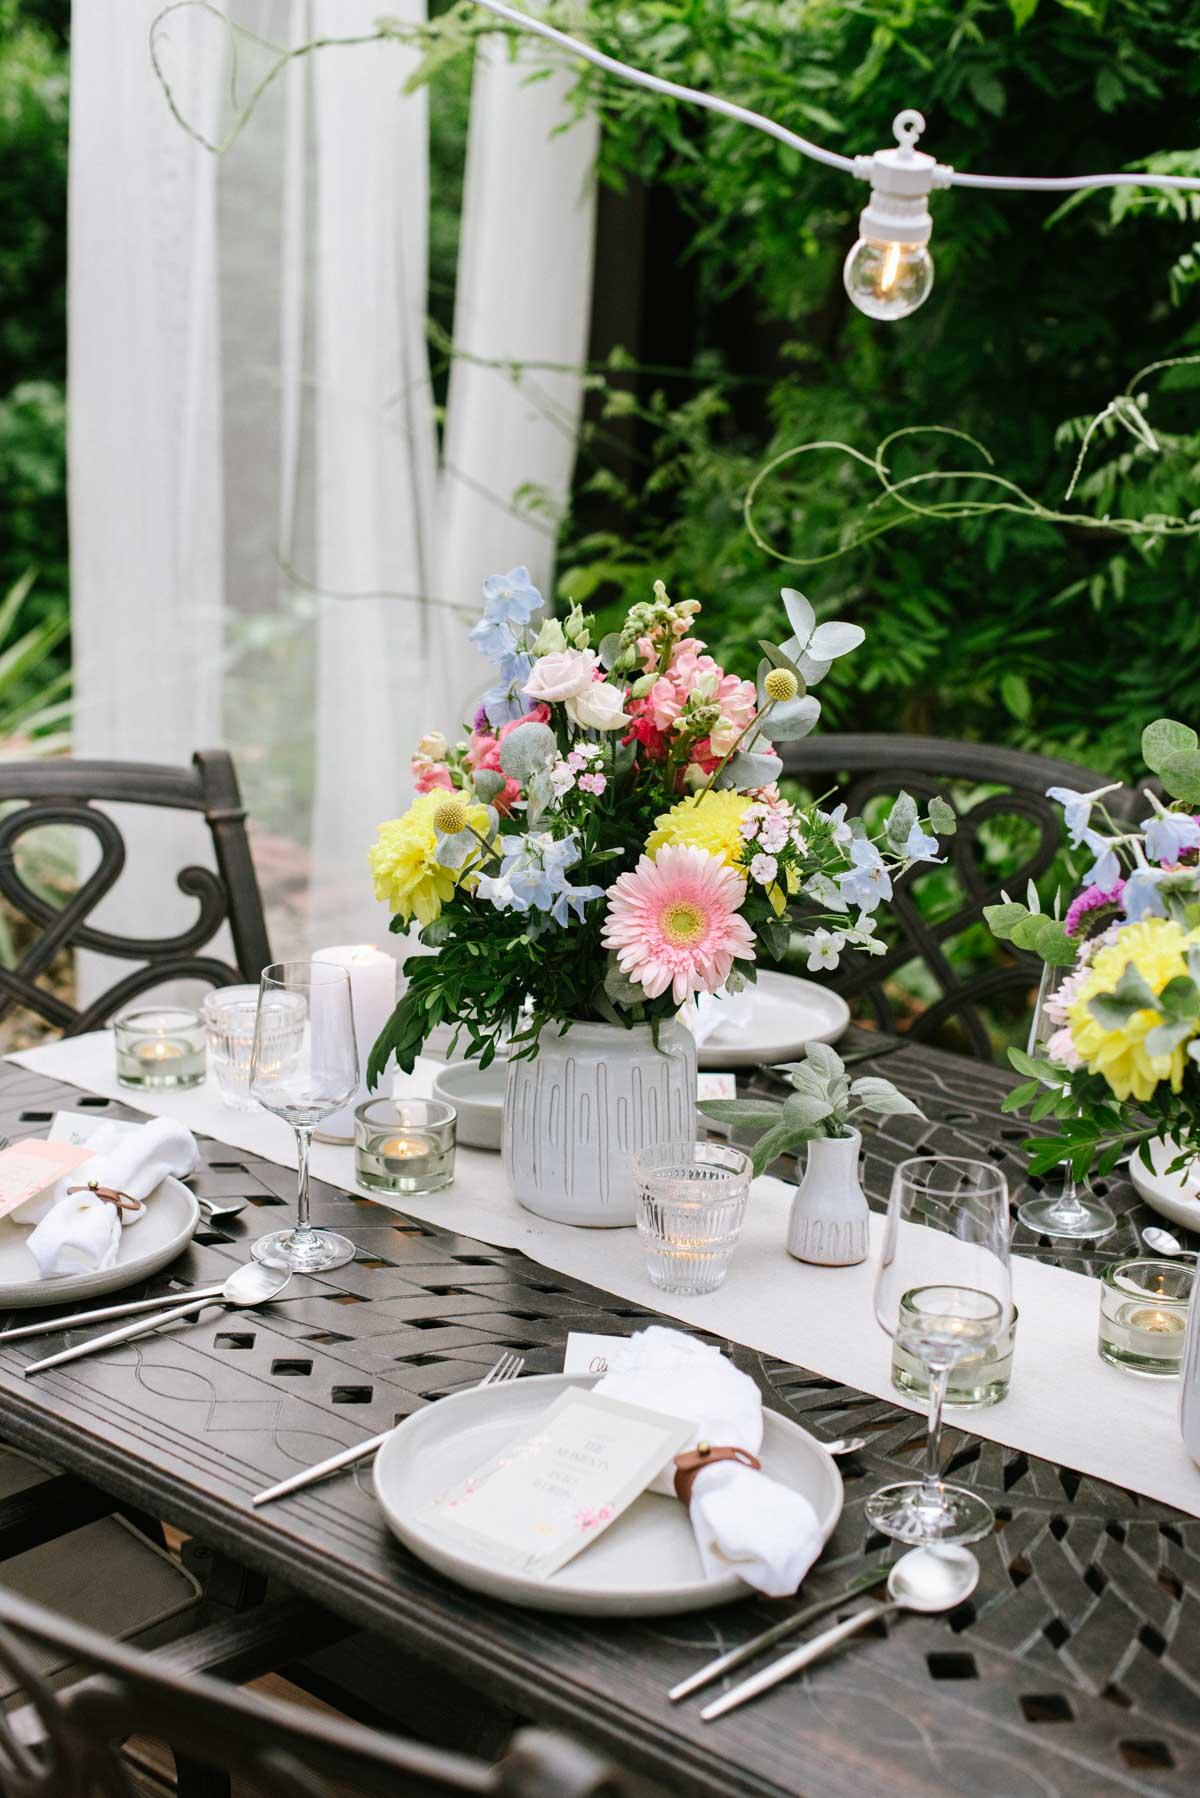 Bunter Blumenstrauß auf dem Geburtstagstisch